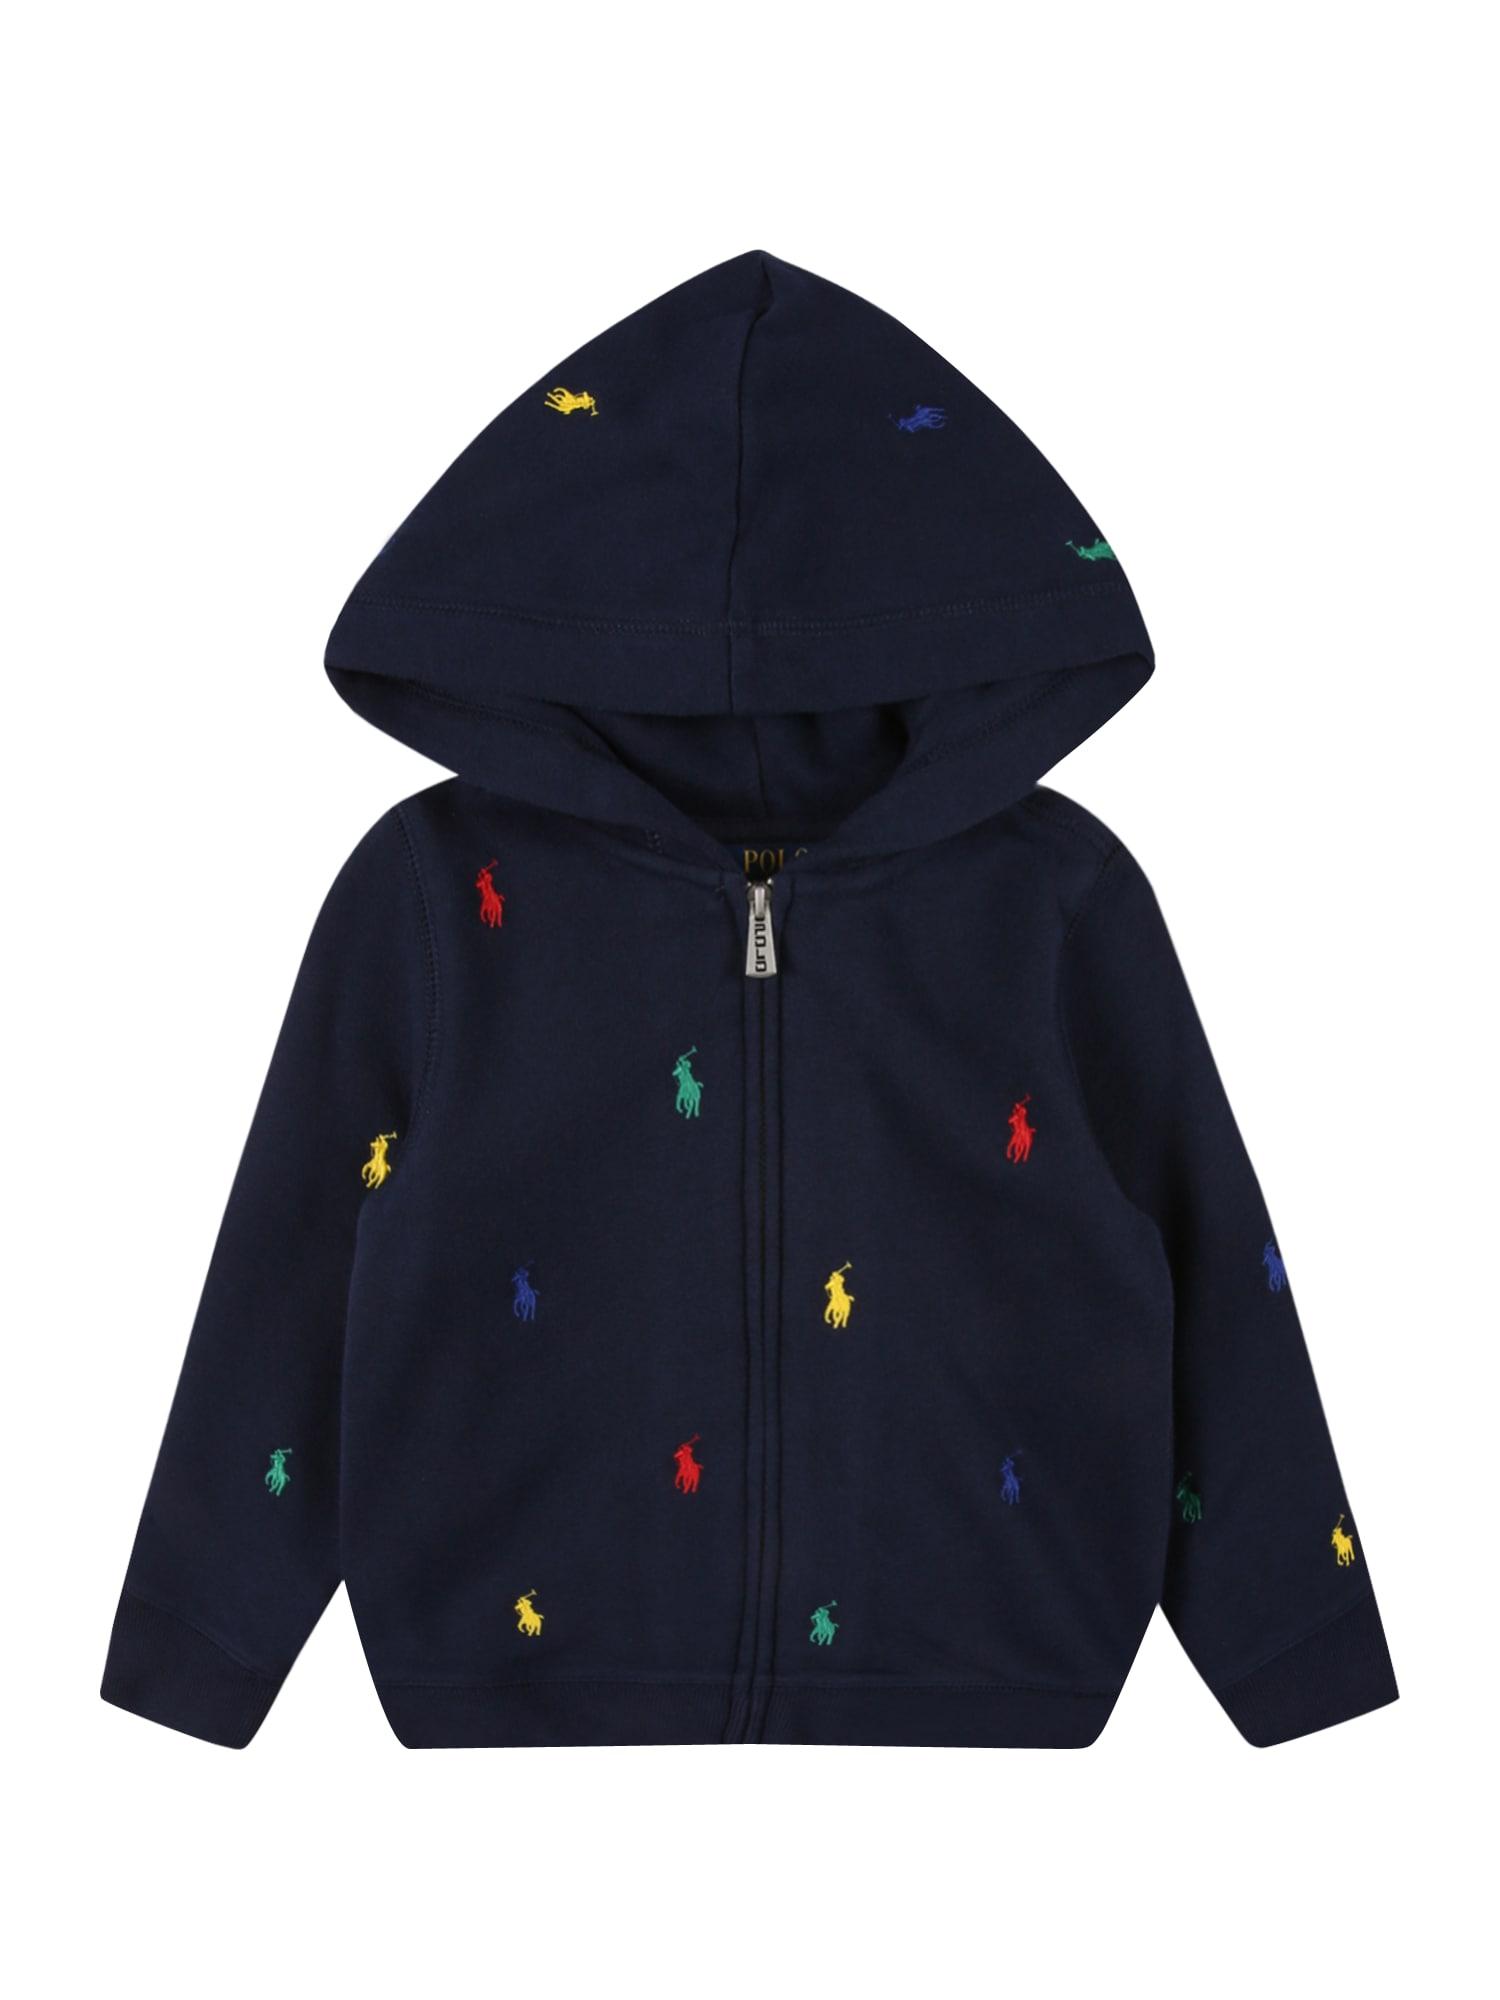 POLO RALPH LAUREN Džemperis tamsiai mėlyna / geltona / žalia / raudona / tamsiai mėlyna jūros spalva